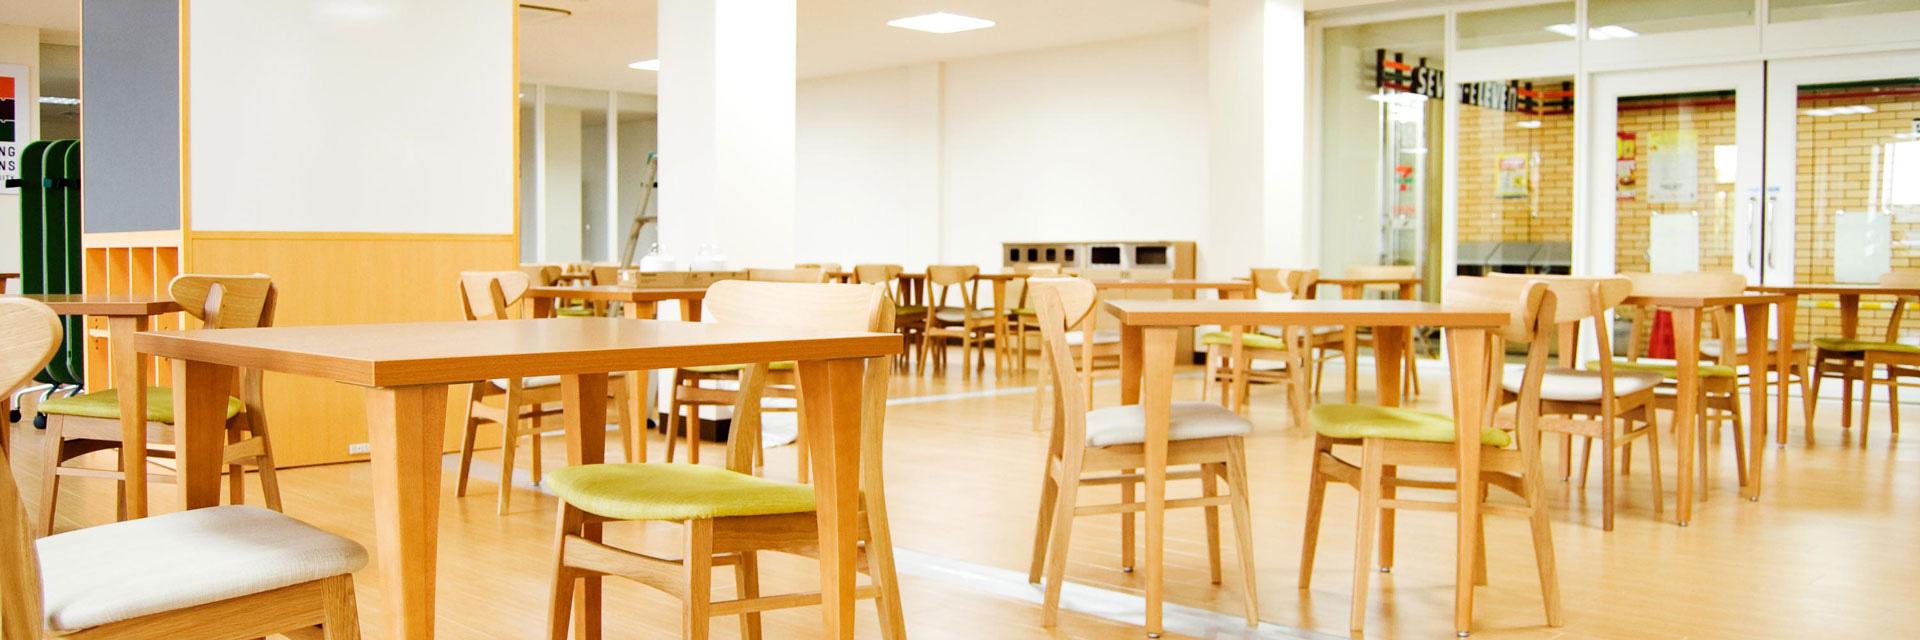 神戸大学附属図書館ラーニングコモンズ